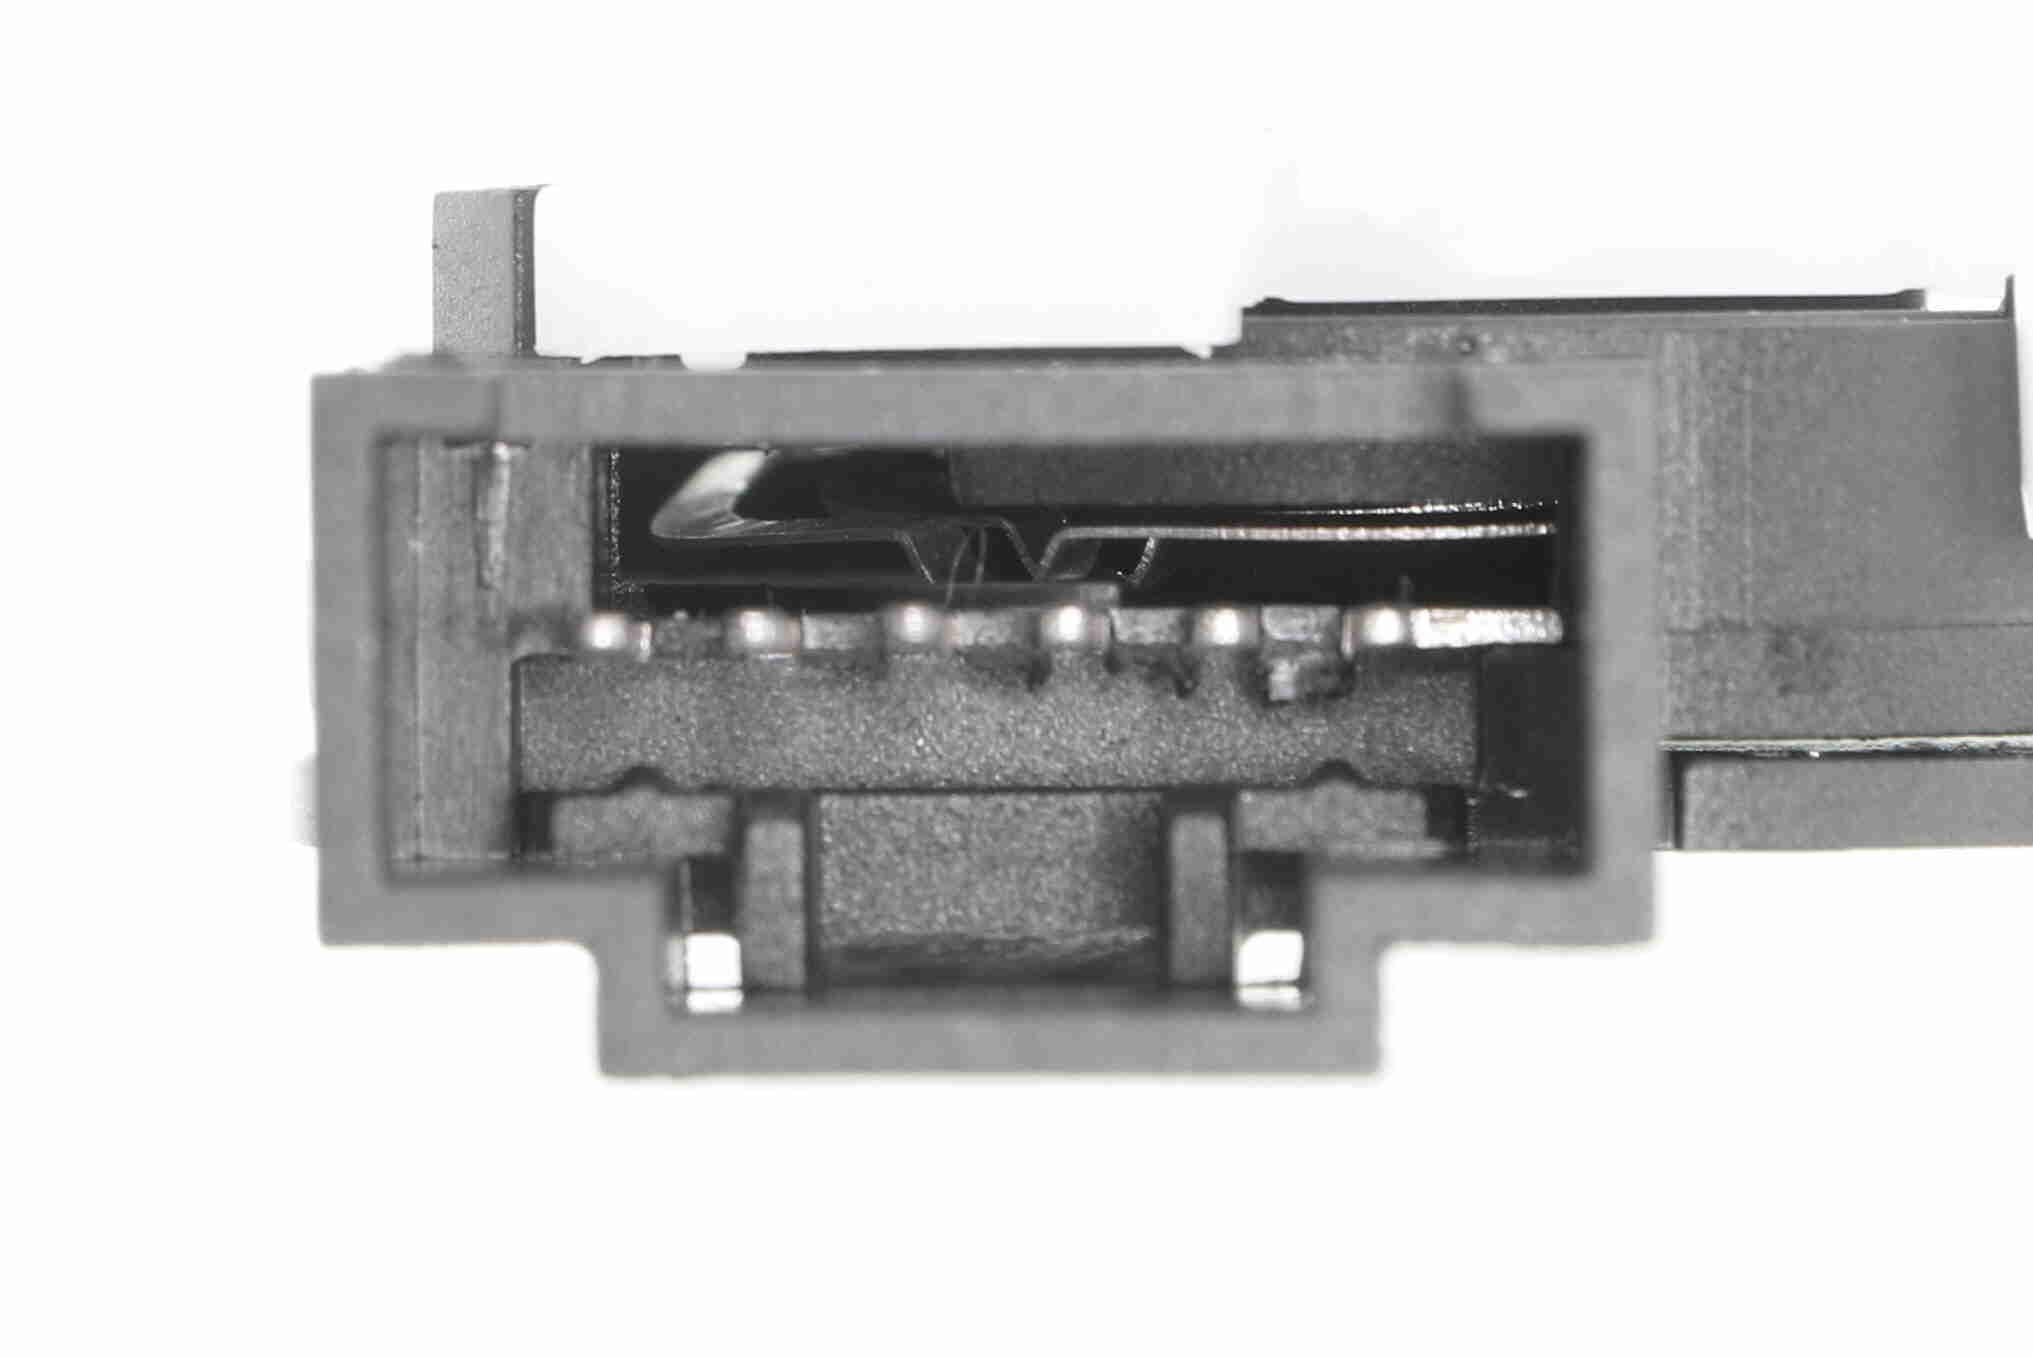 VEMO V15-80-3229 EAN:4046001320811 online store